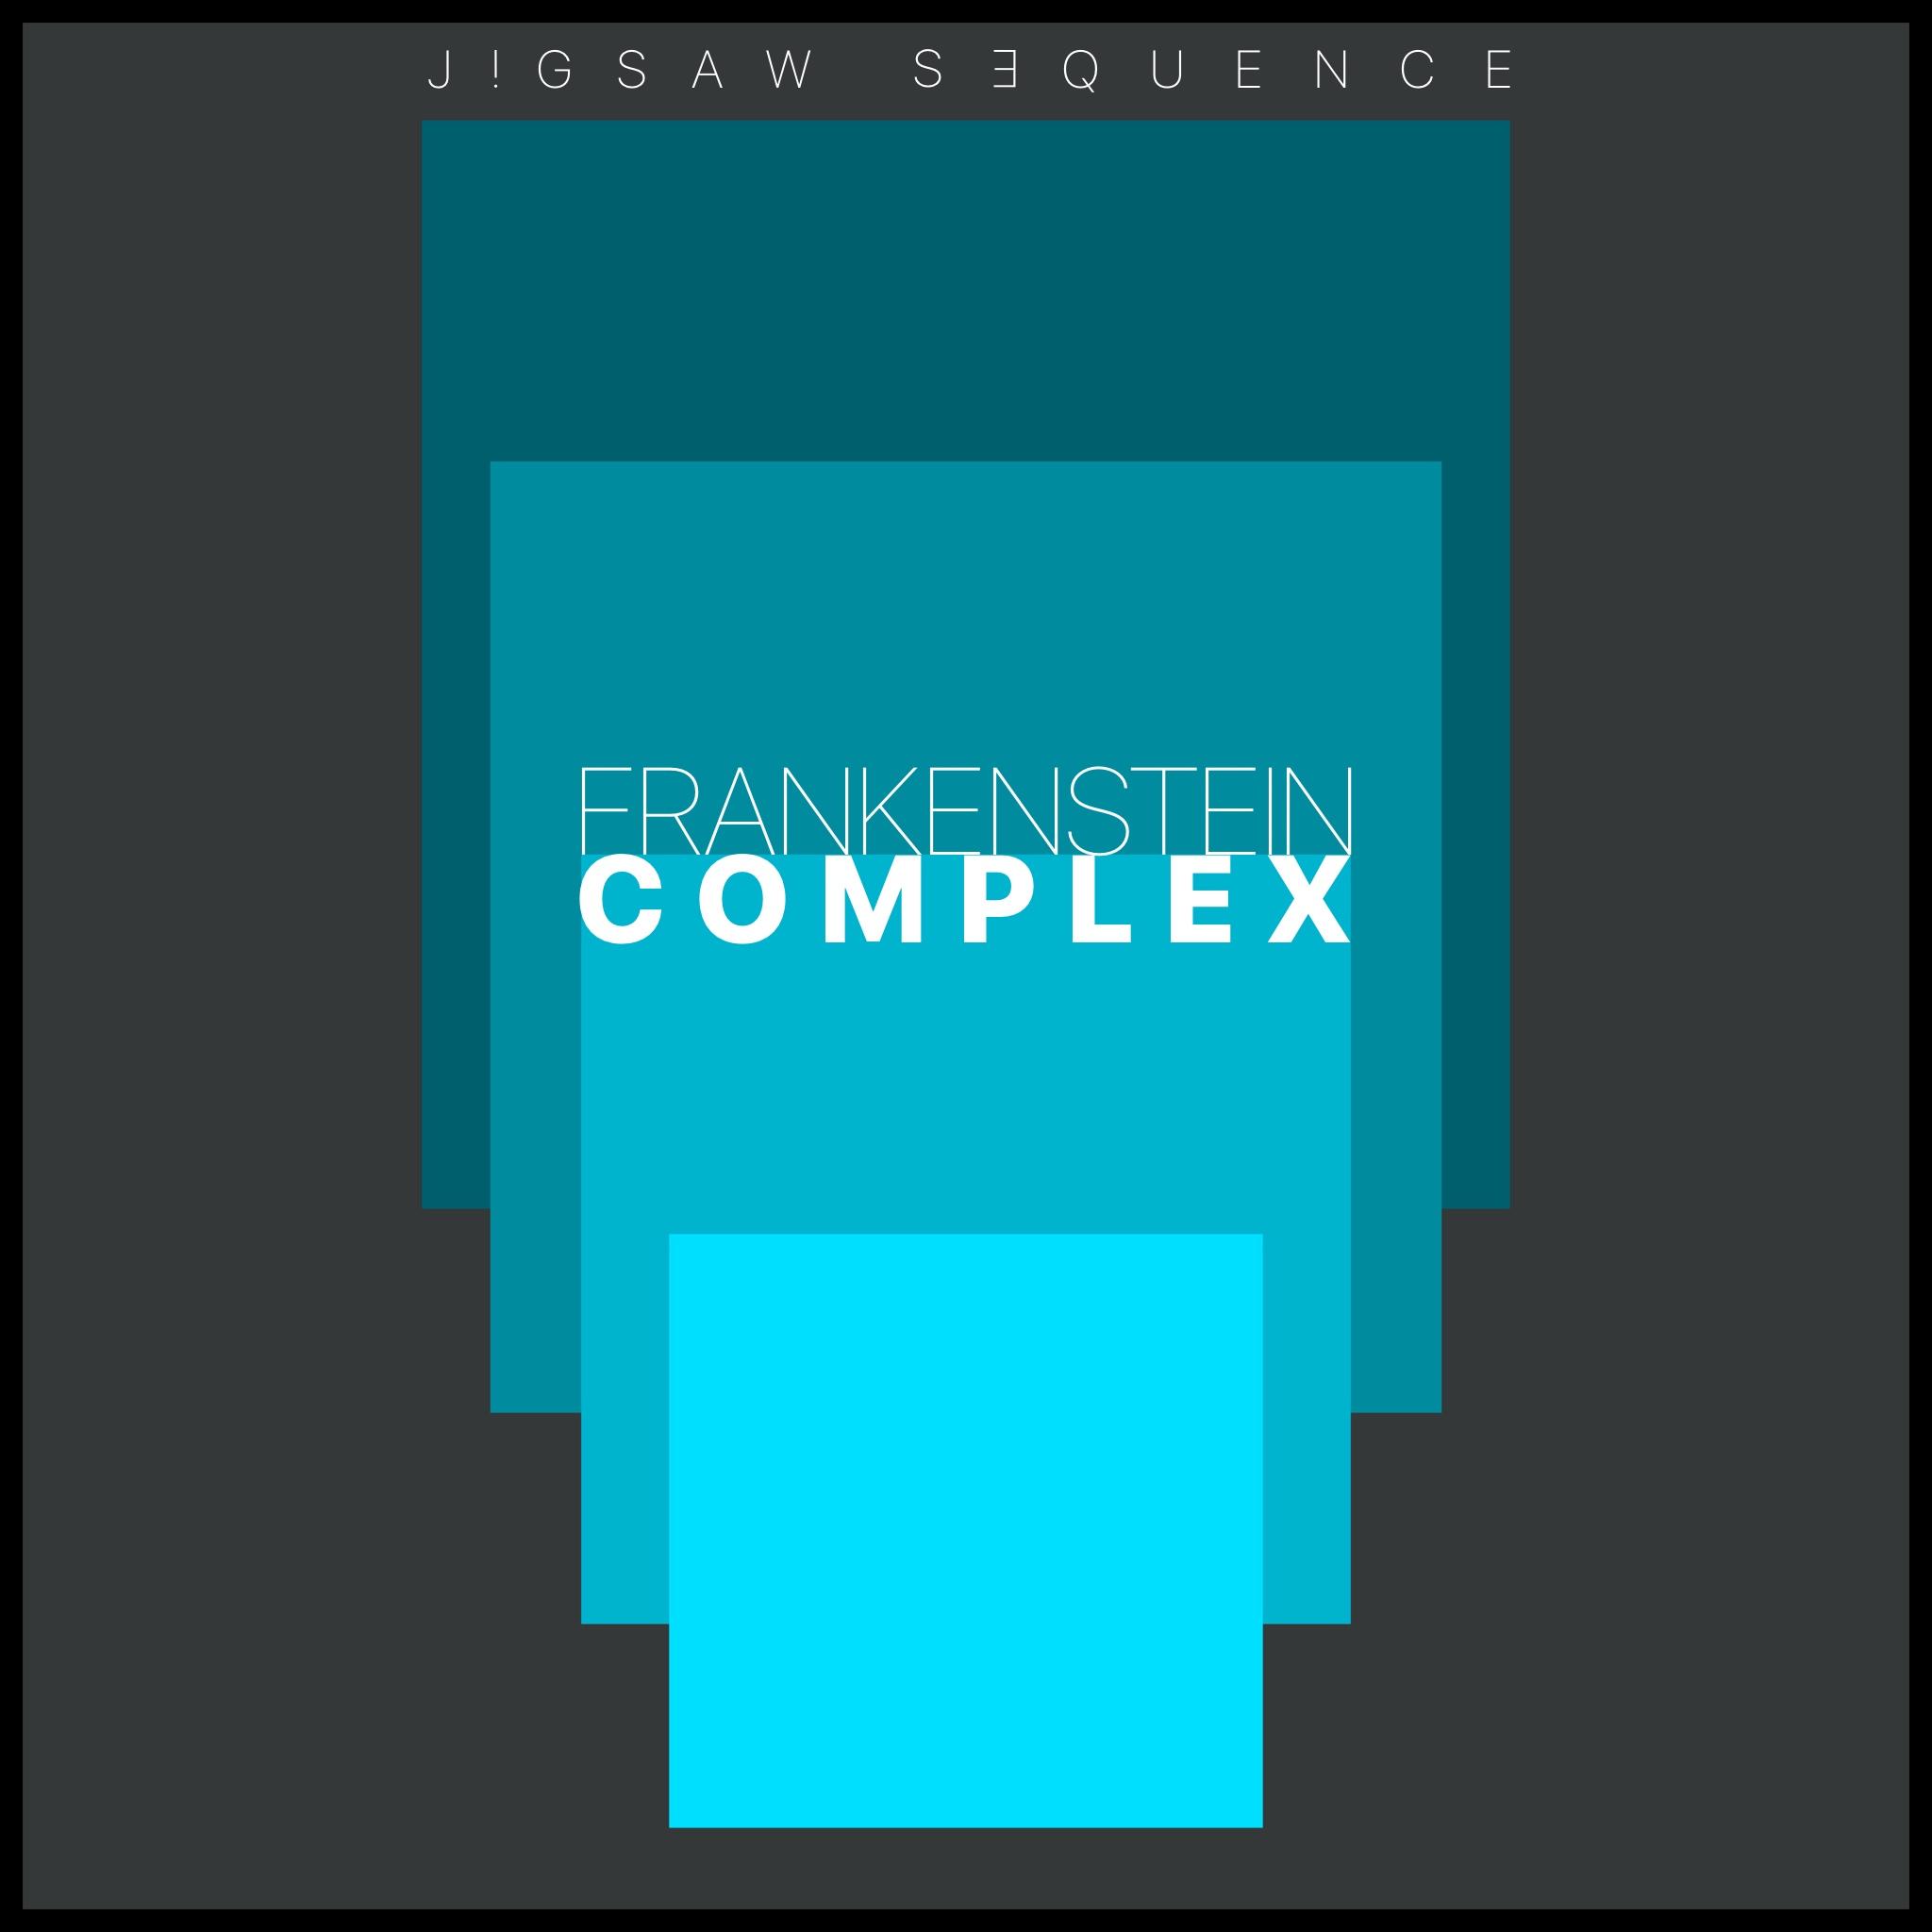 Frankenstein complex